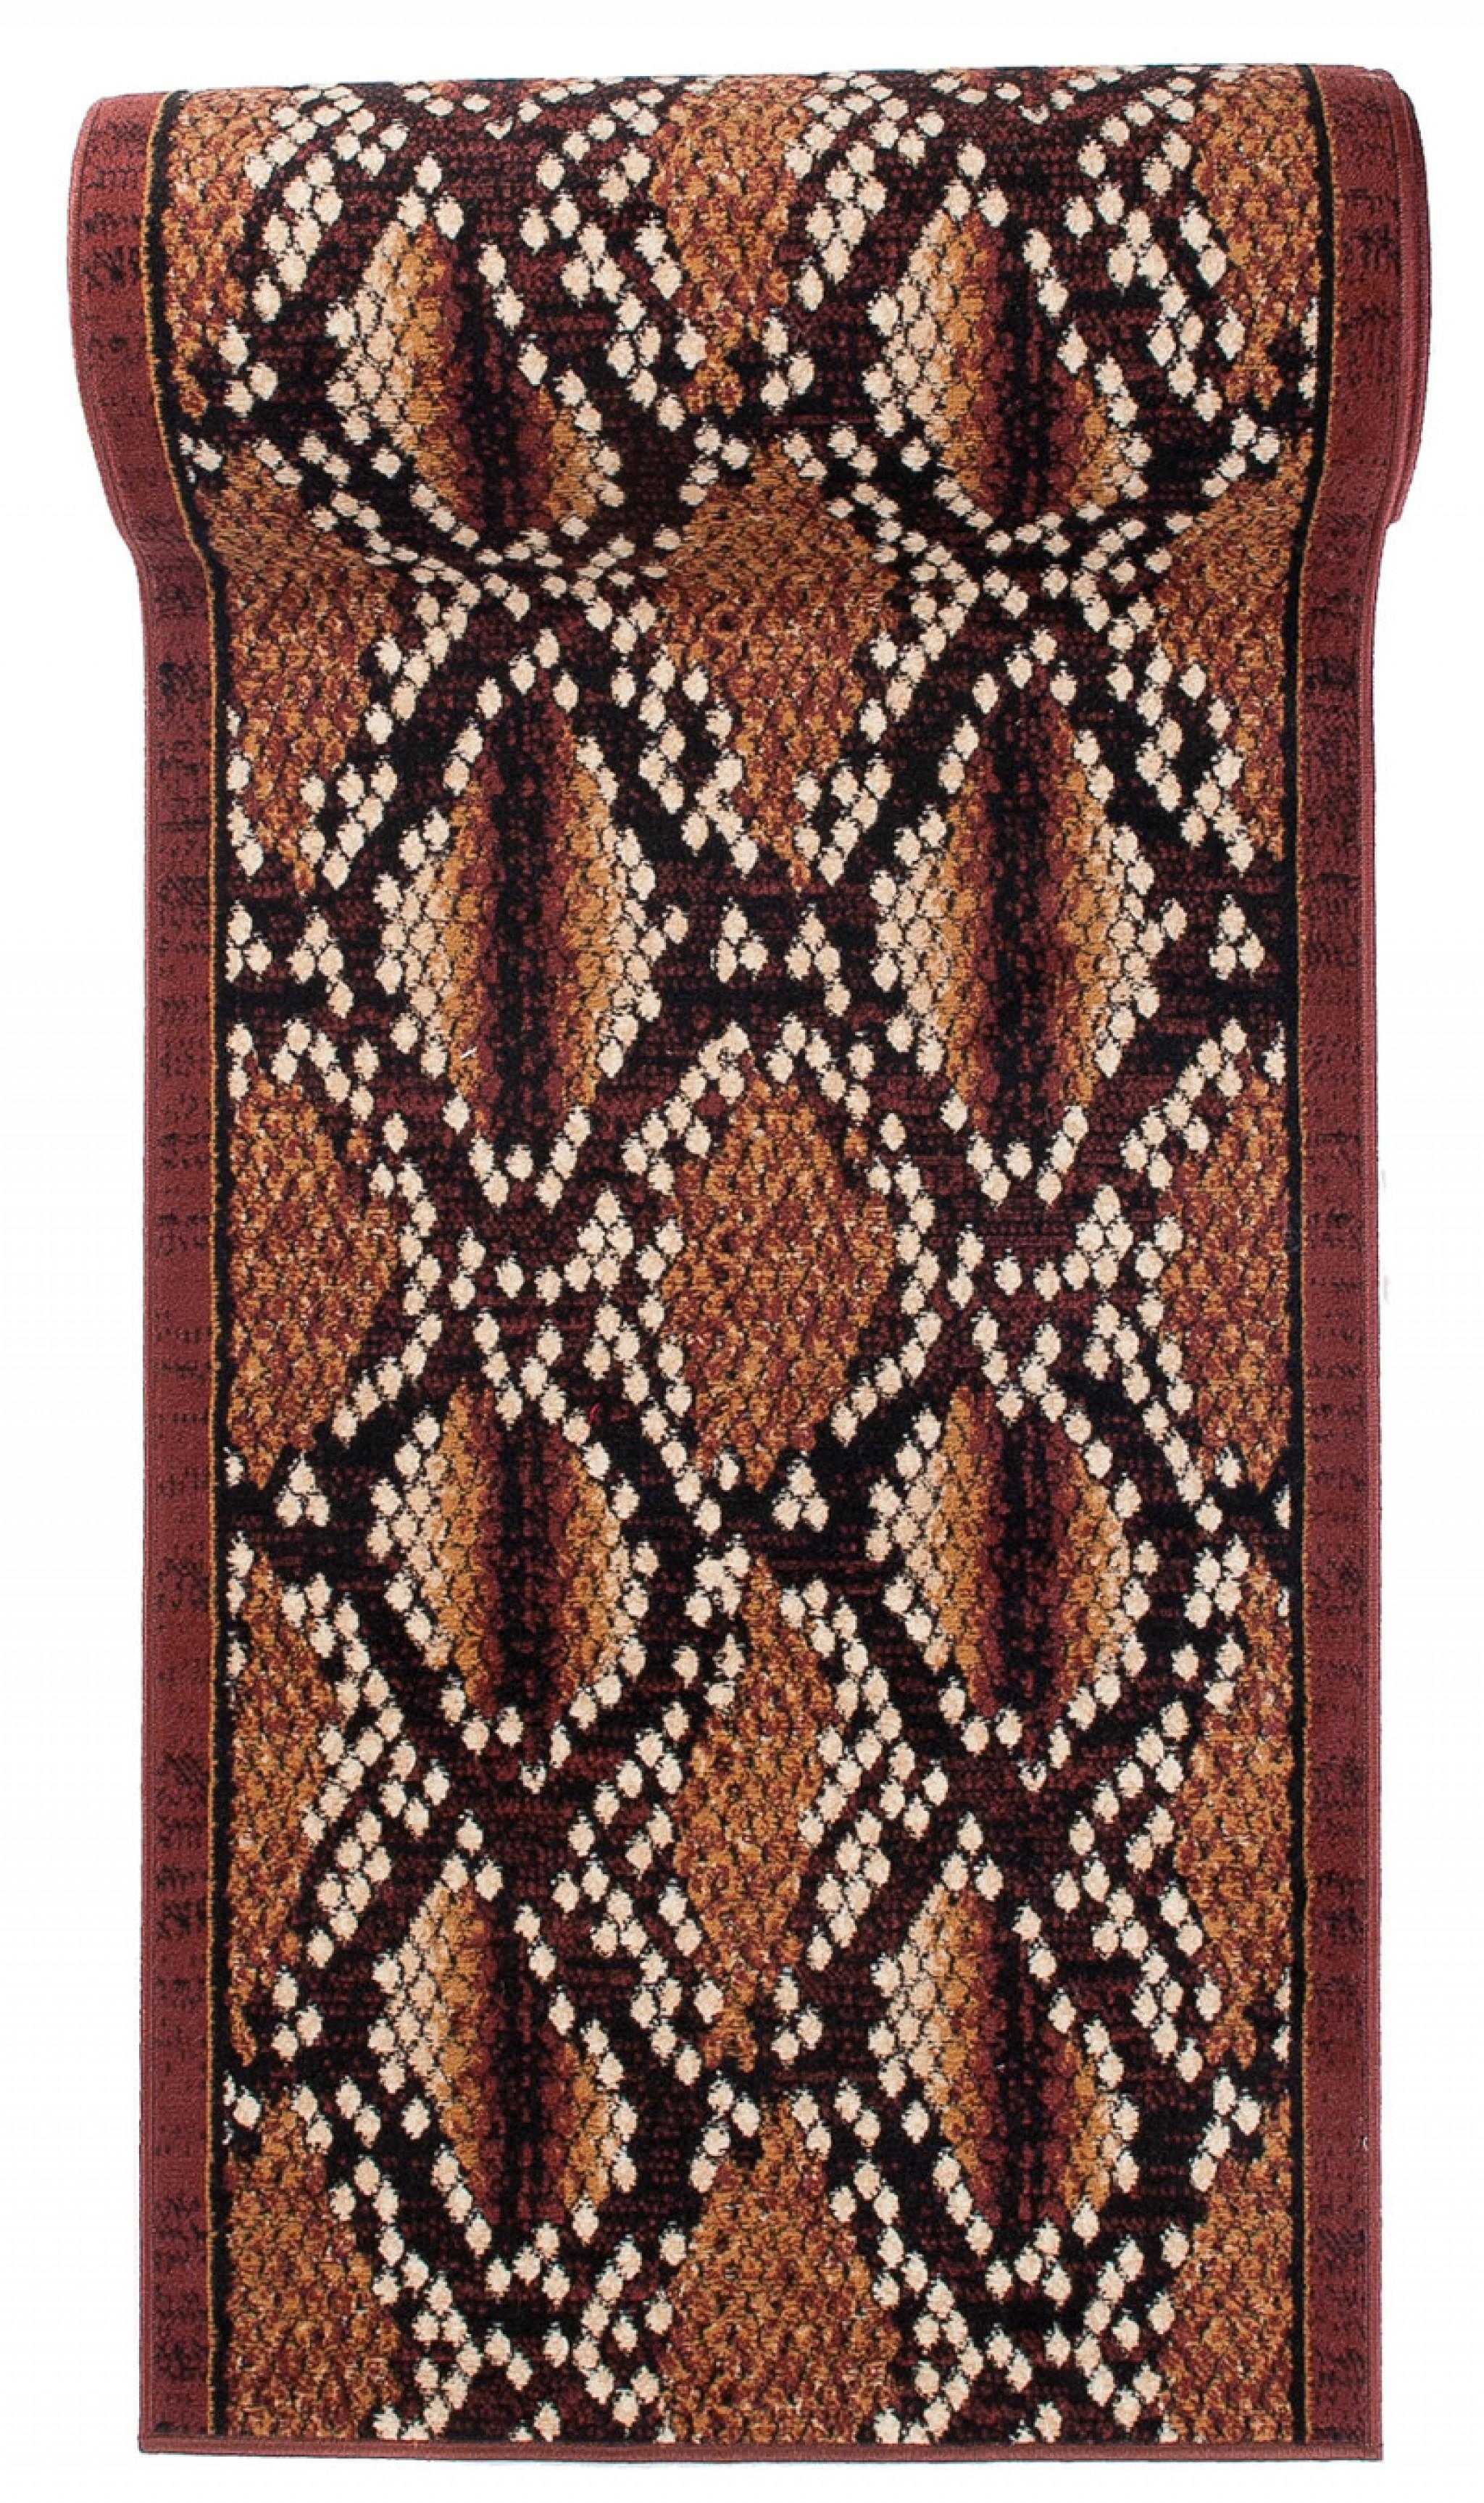 4d434014d Behúň koberec BCF 873A B | E-SHOP koberce Eva